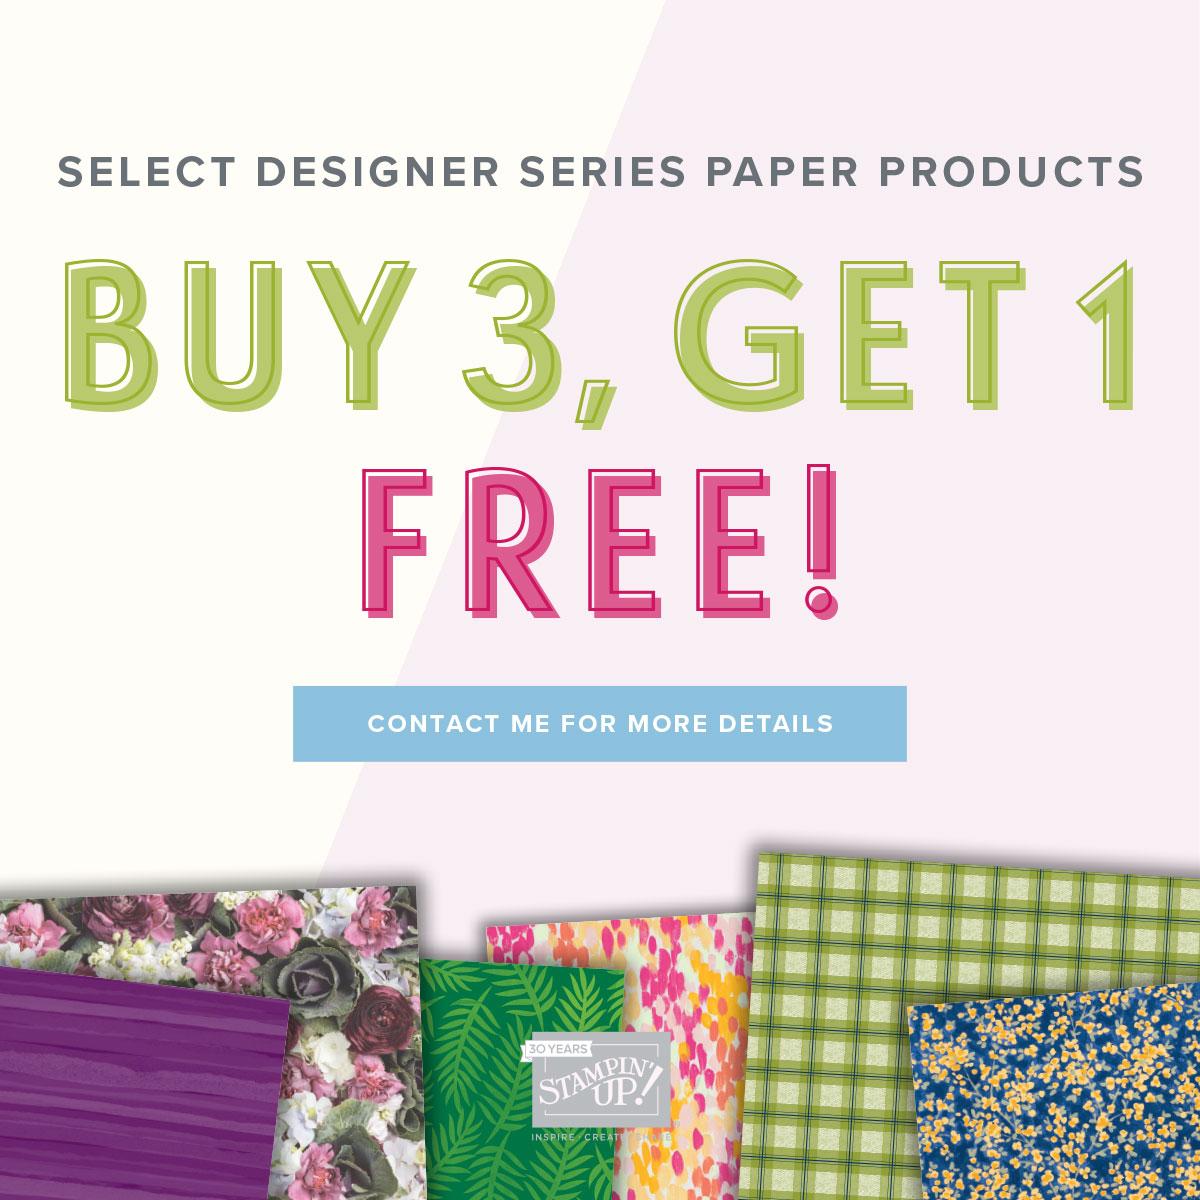 Designer Series Paper Offer!